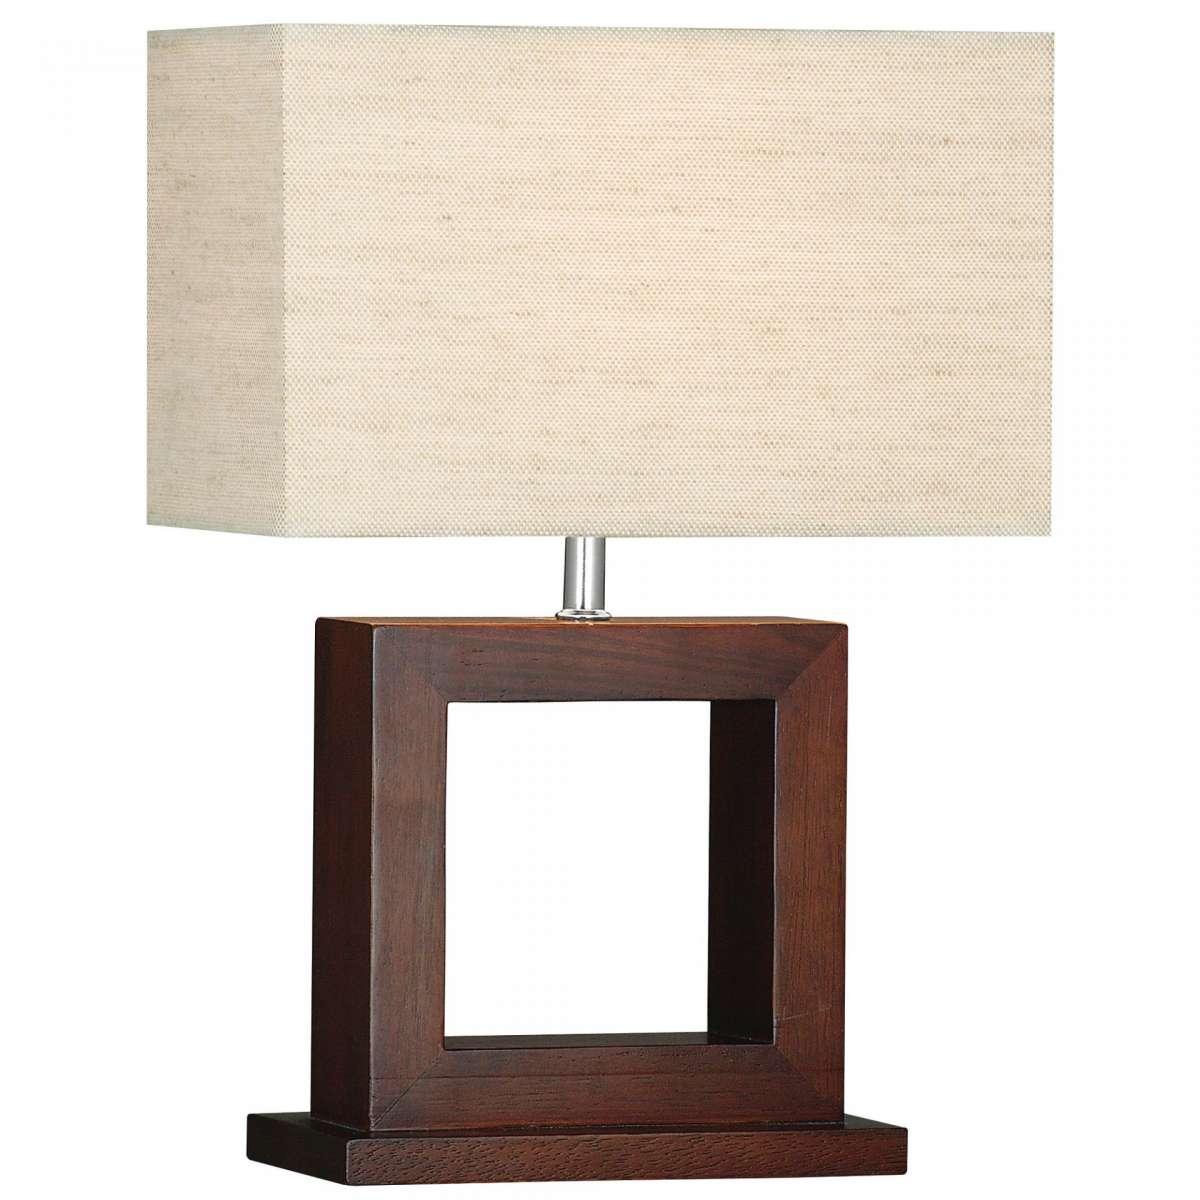 Calven Cosmopolitan Dark Wood Square Table Lamp